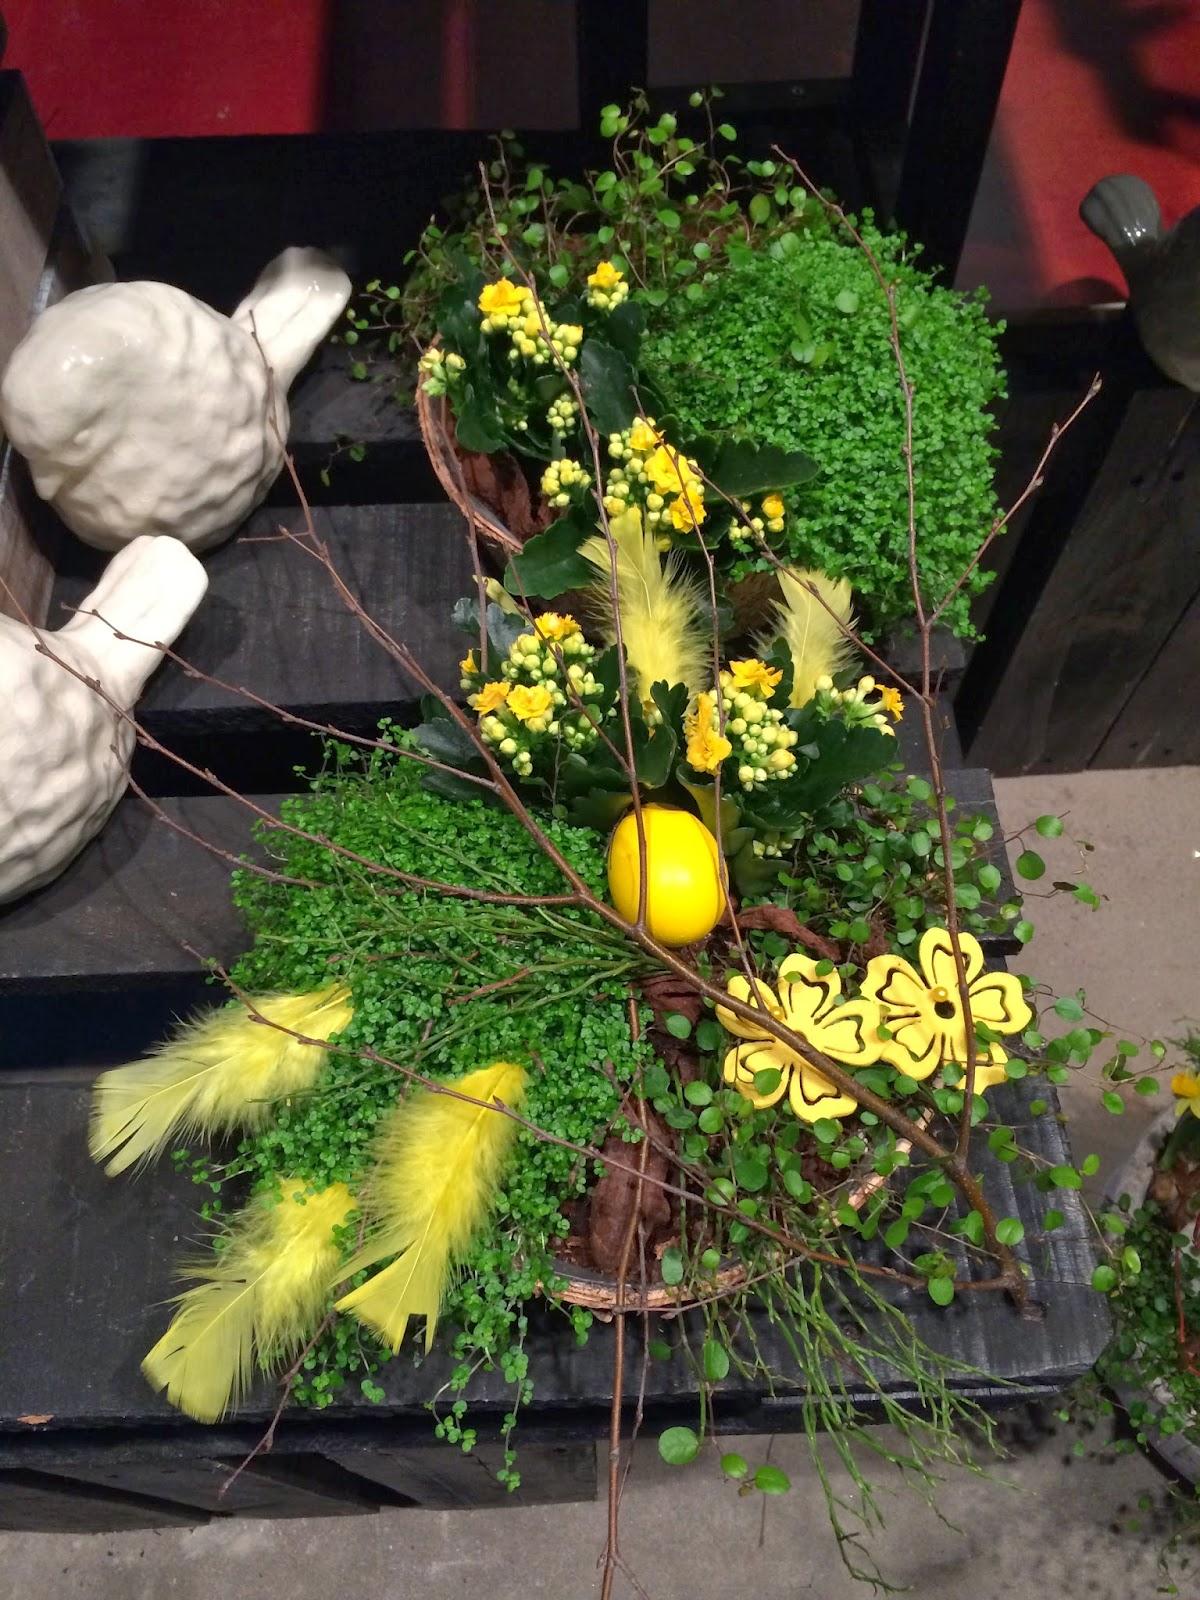 gustafssons blommor skultorp